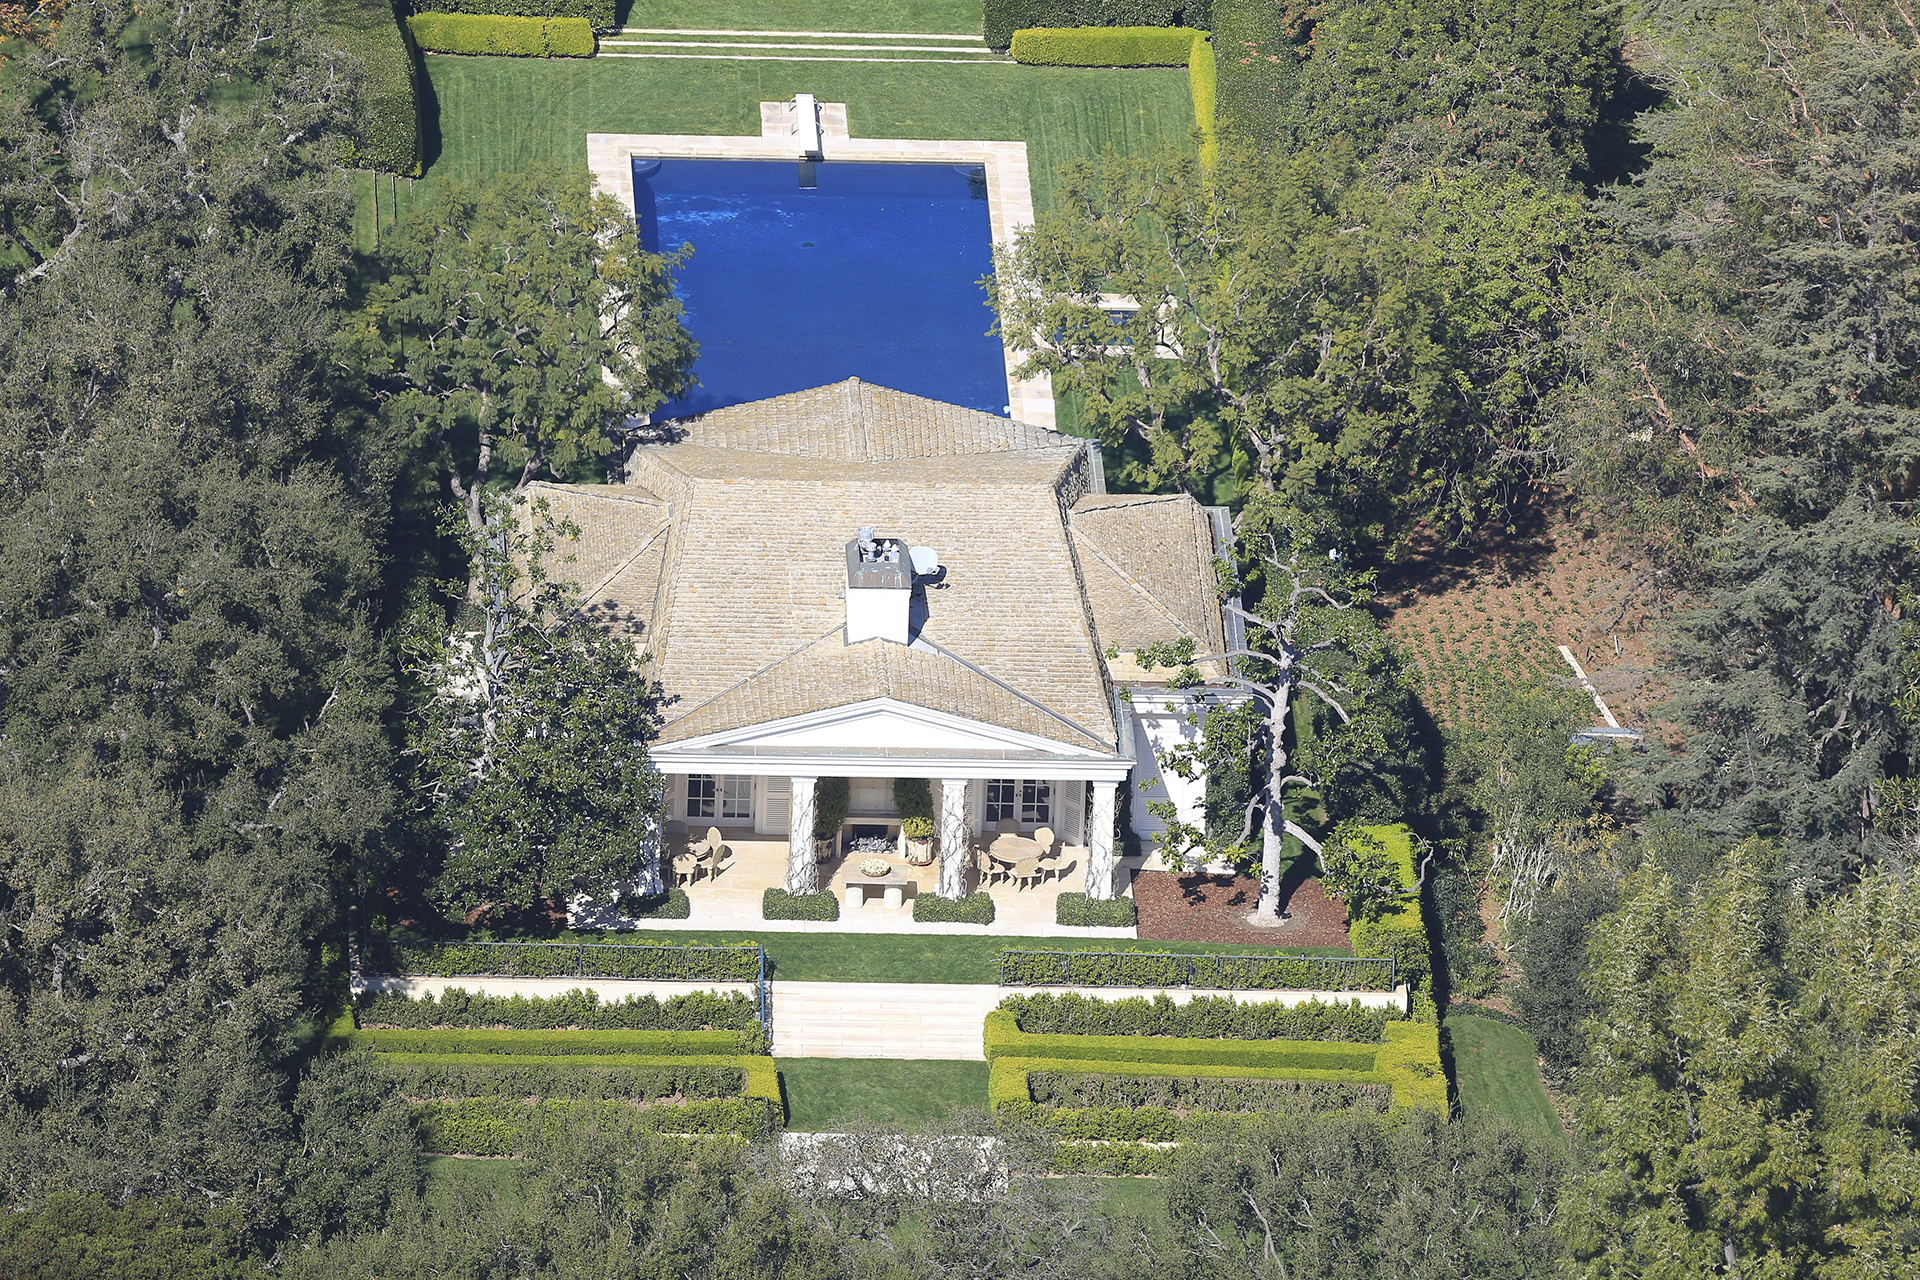 El CEO de Amazon, que tiene una fortuna de USD 131.000 millones, adquirió la propiedad al magnate de Hollywood David Geffen, de modo que estableció un nuevo récord para el precio de una casa en el área de Los Ángeles